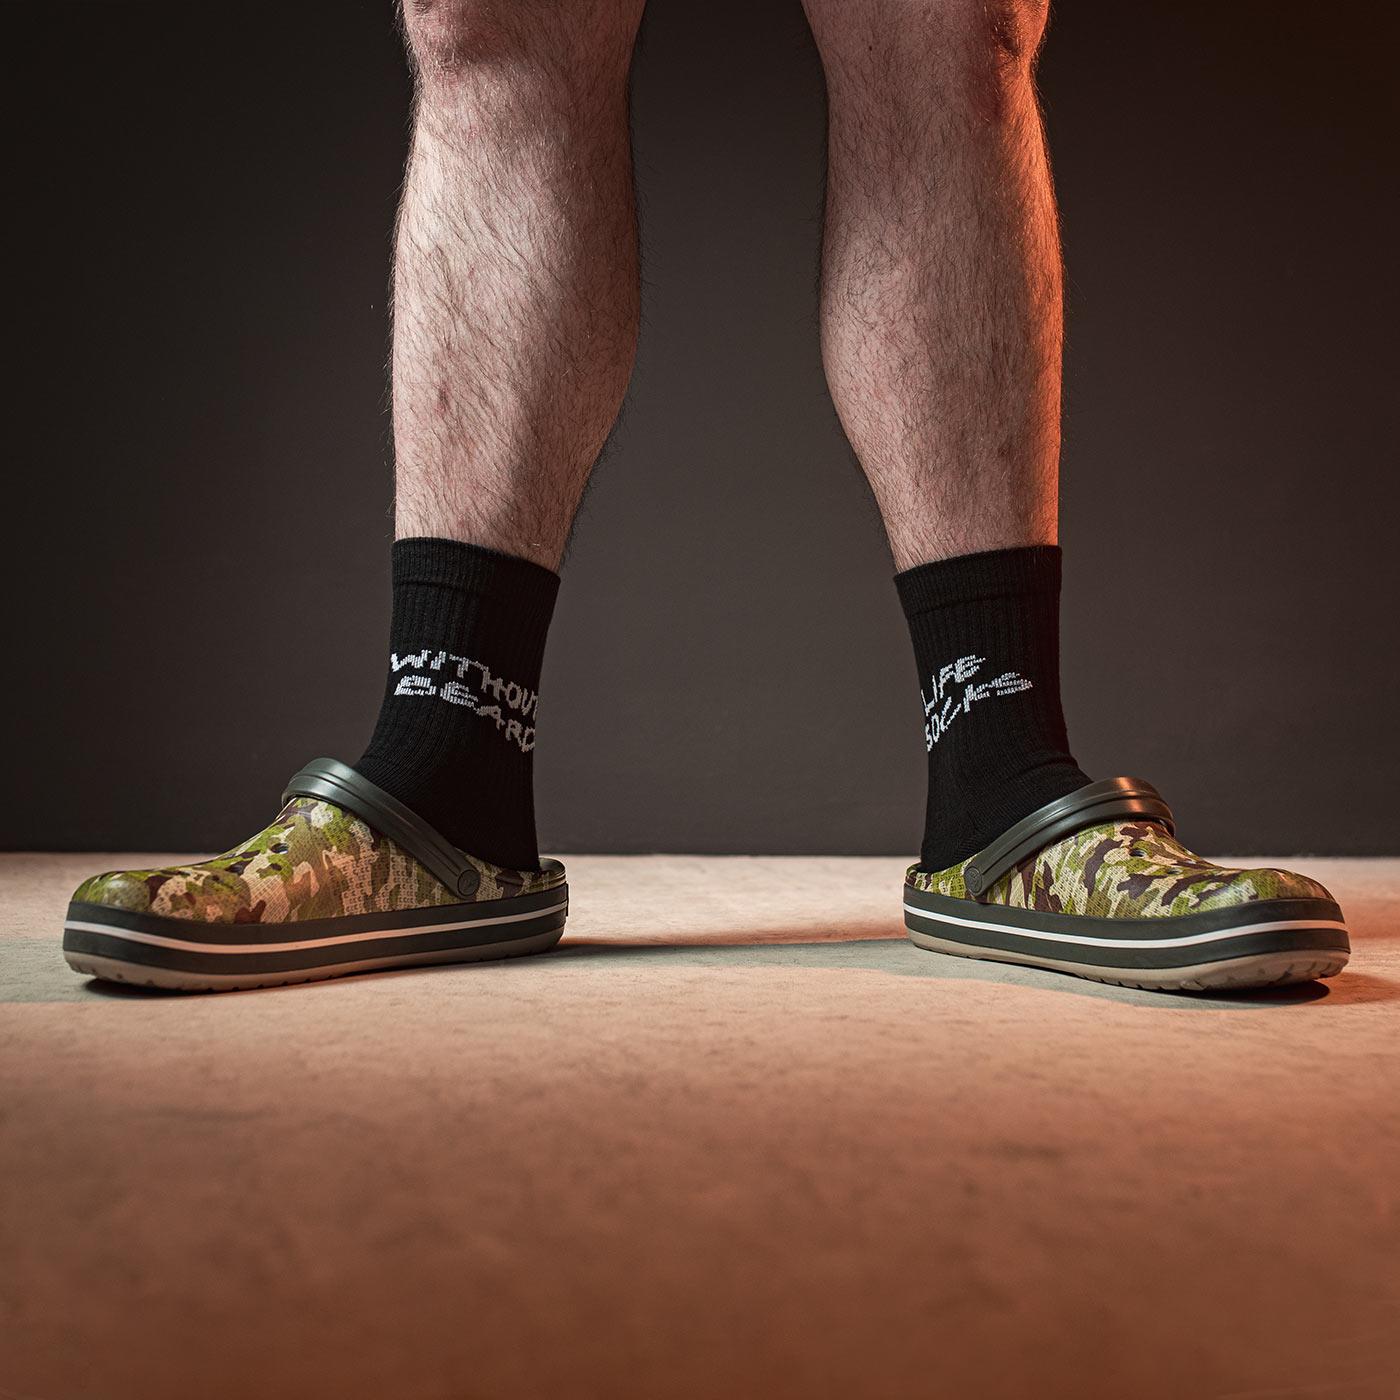 AB_Socks1